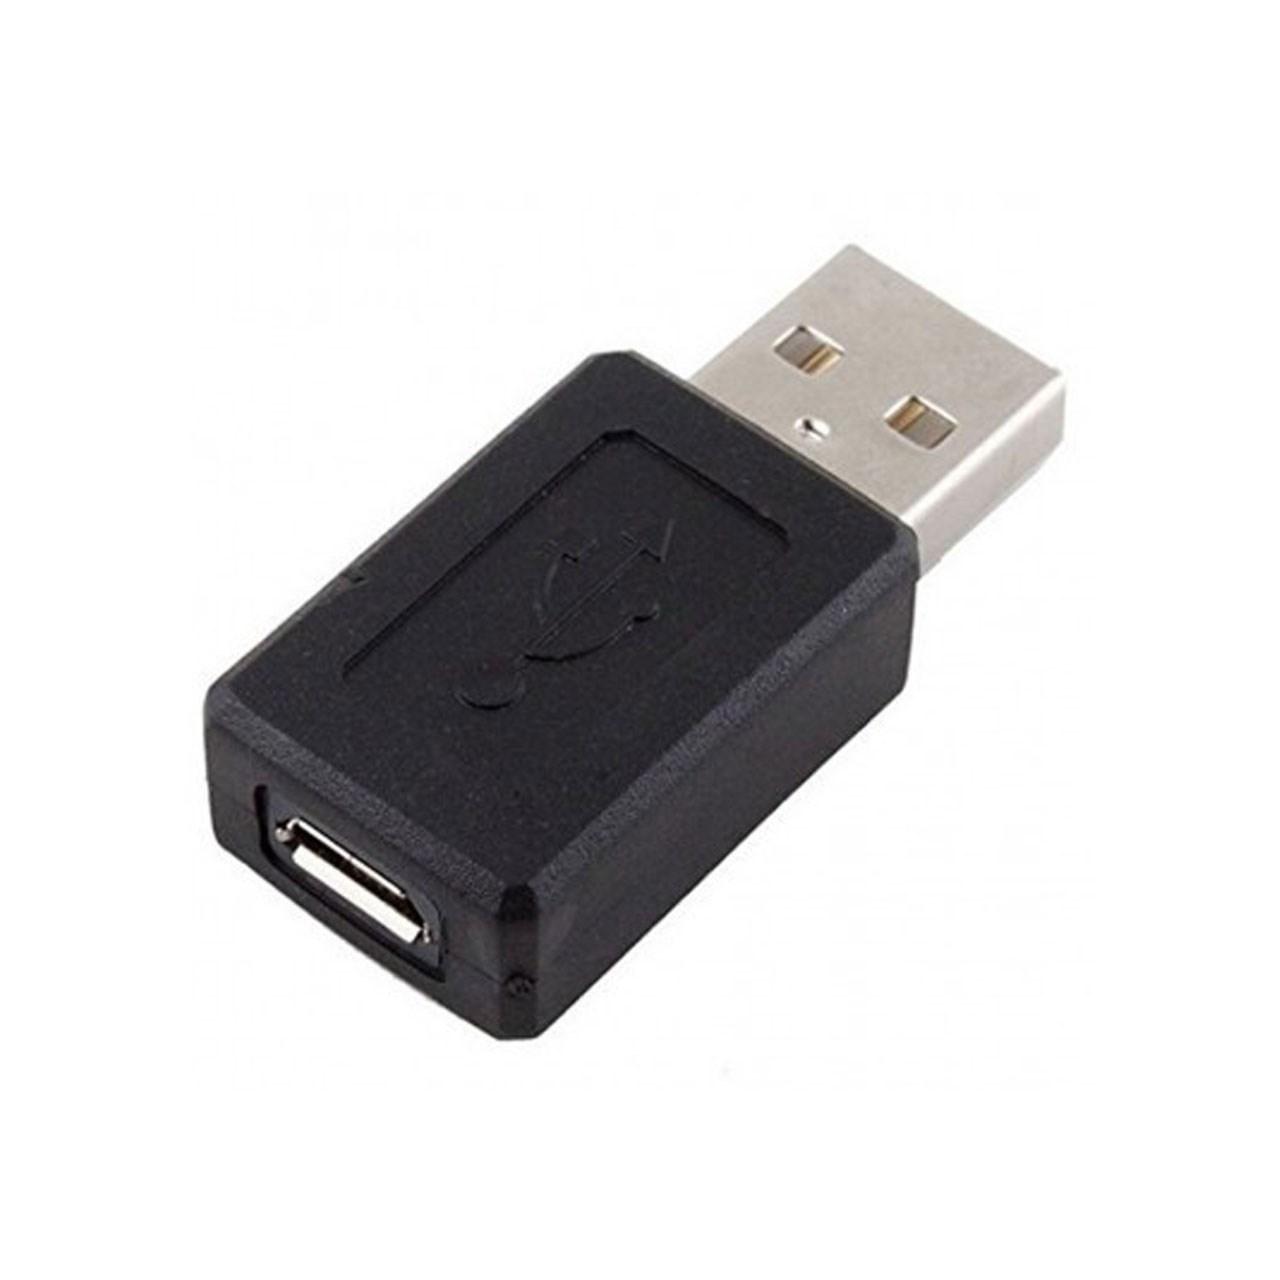 مبدل micro USB به USB دی نت مدل UM1              ( قیمت و خرید)